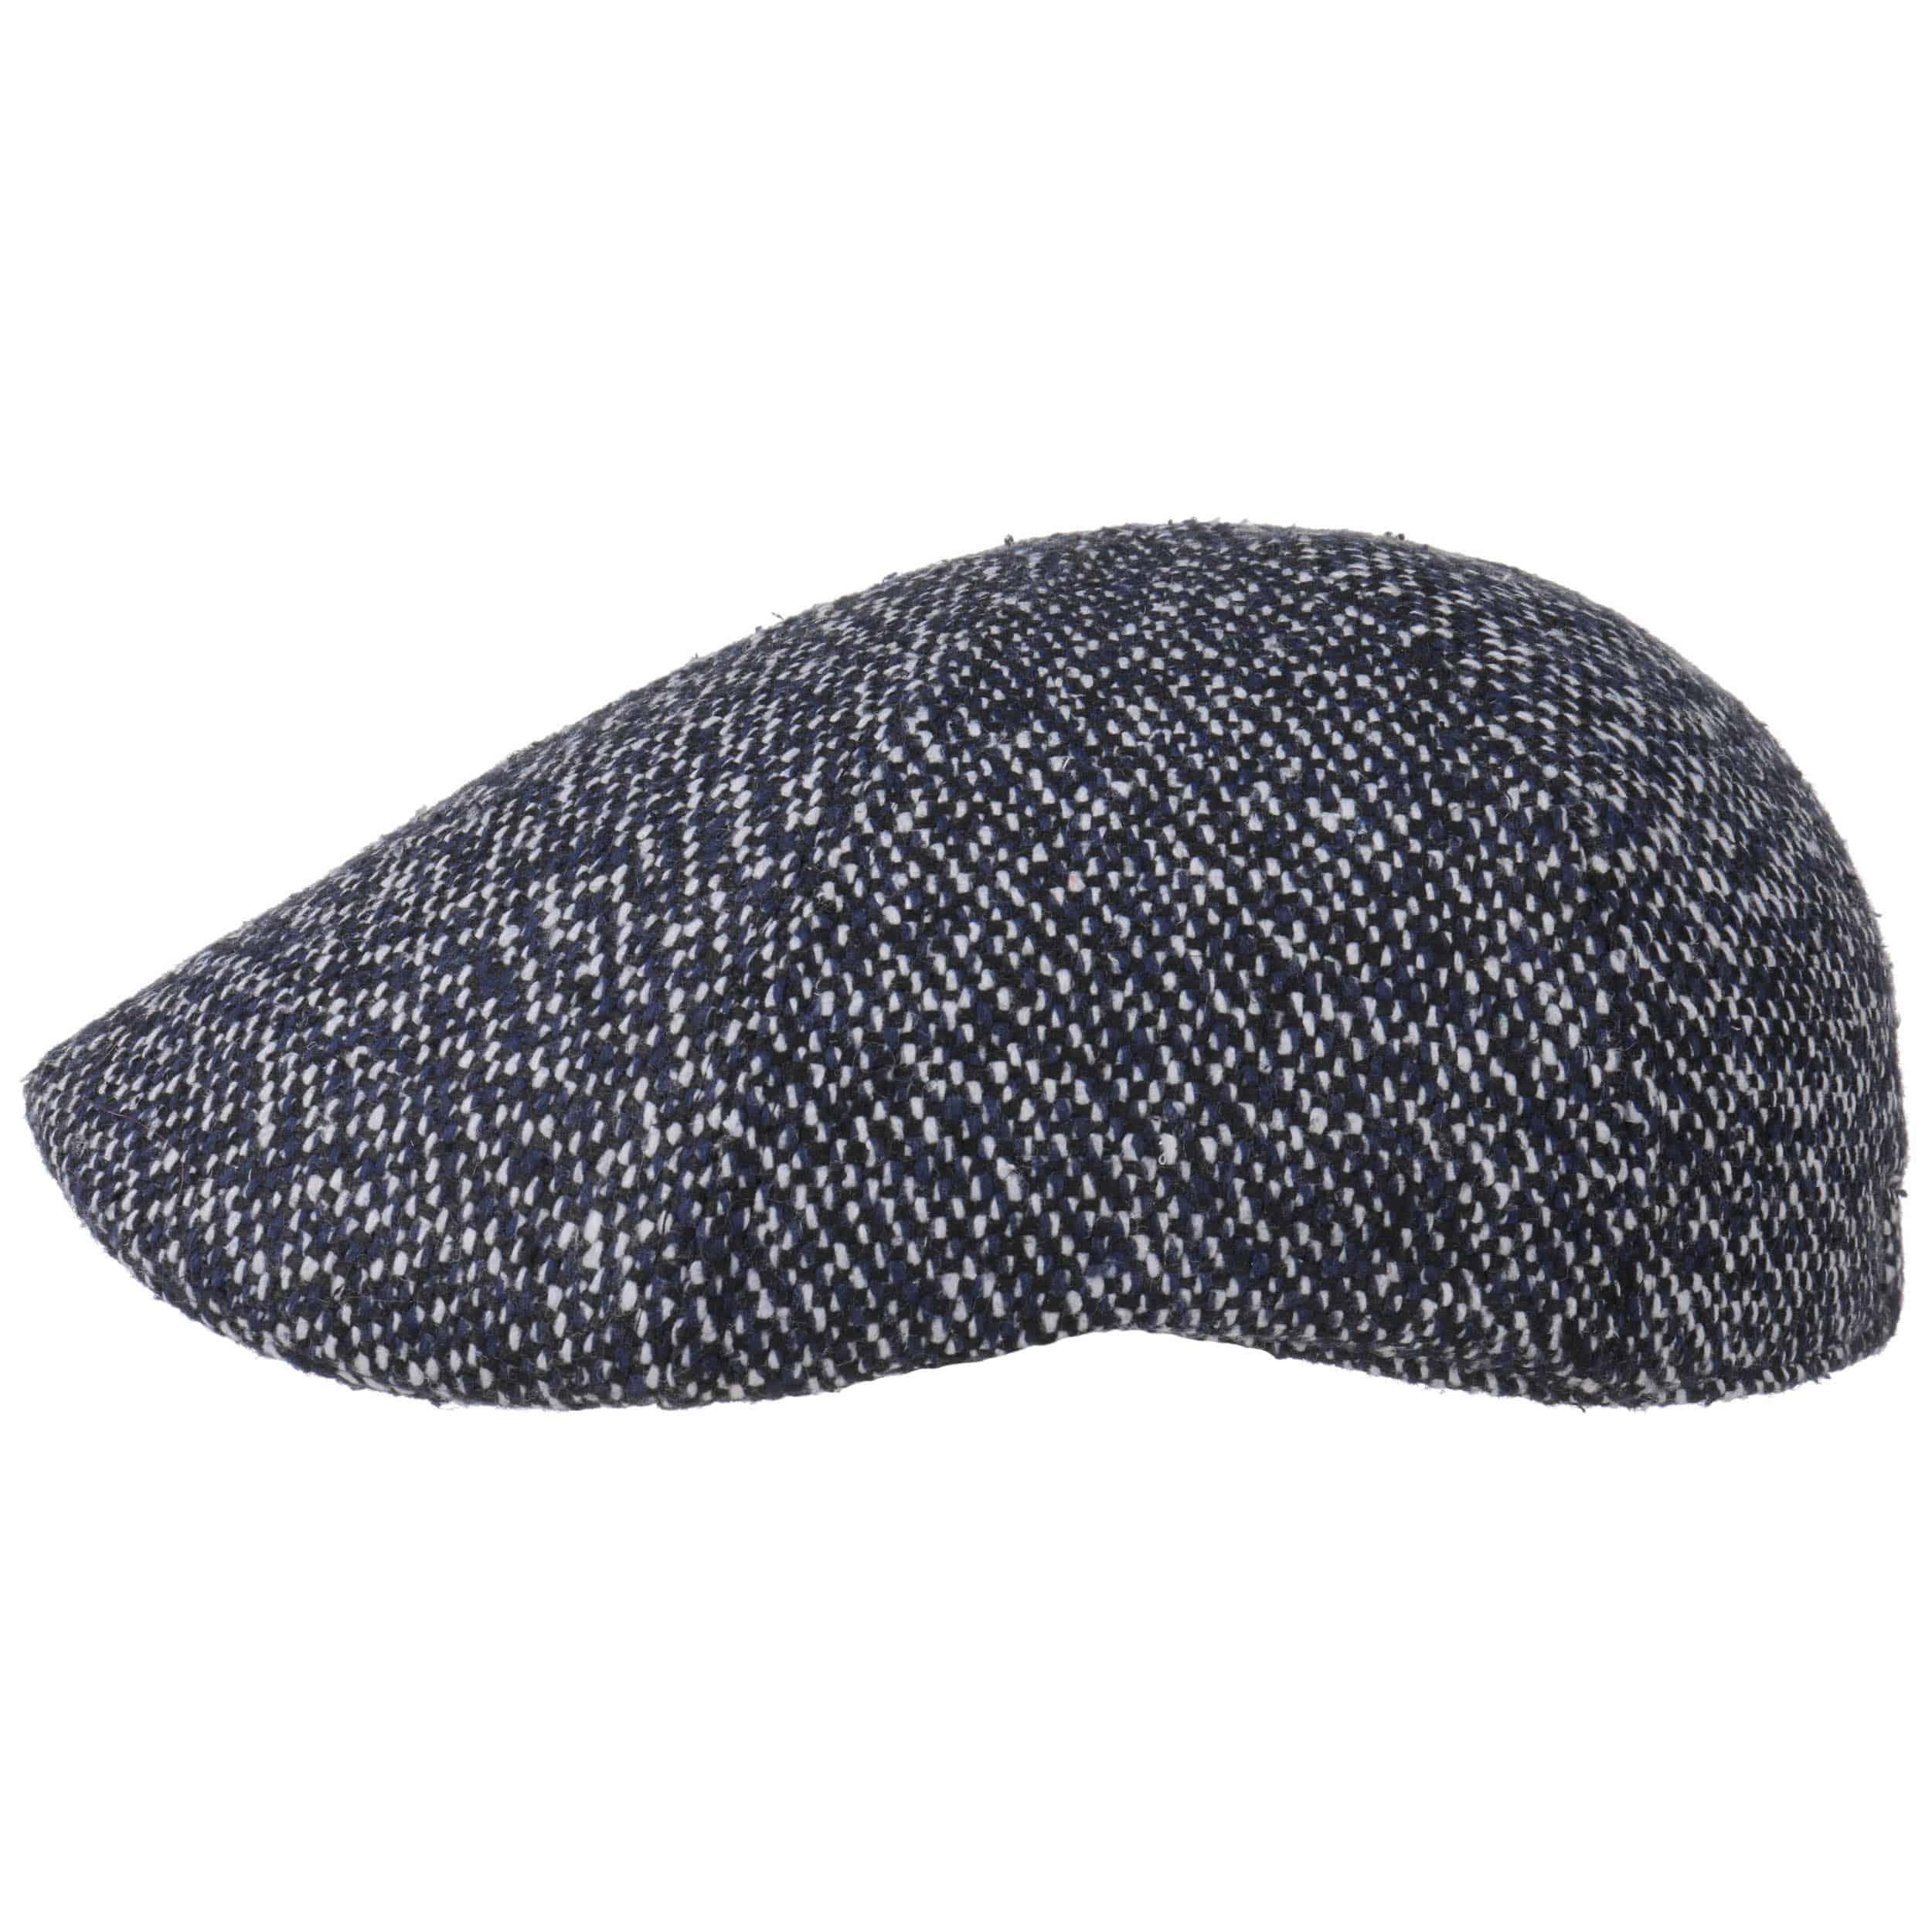 Gorra de Hombre Tricolour by Lipodo - Gorras - sombreroshop.es 51e6c7ec07d